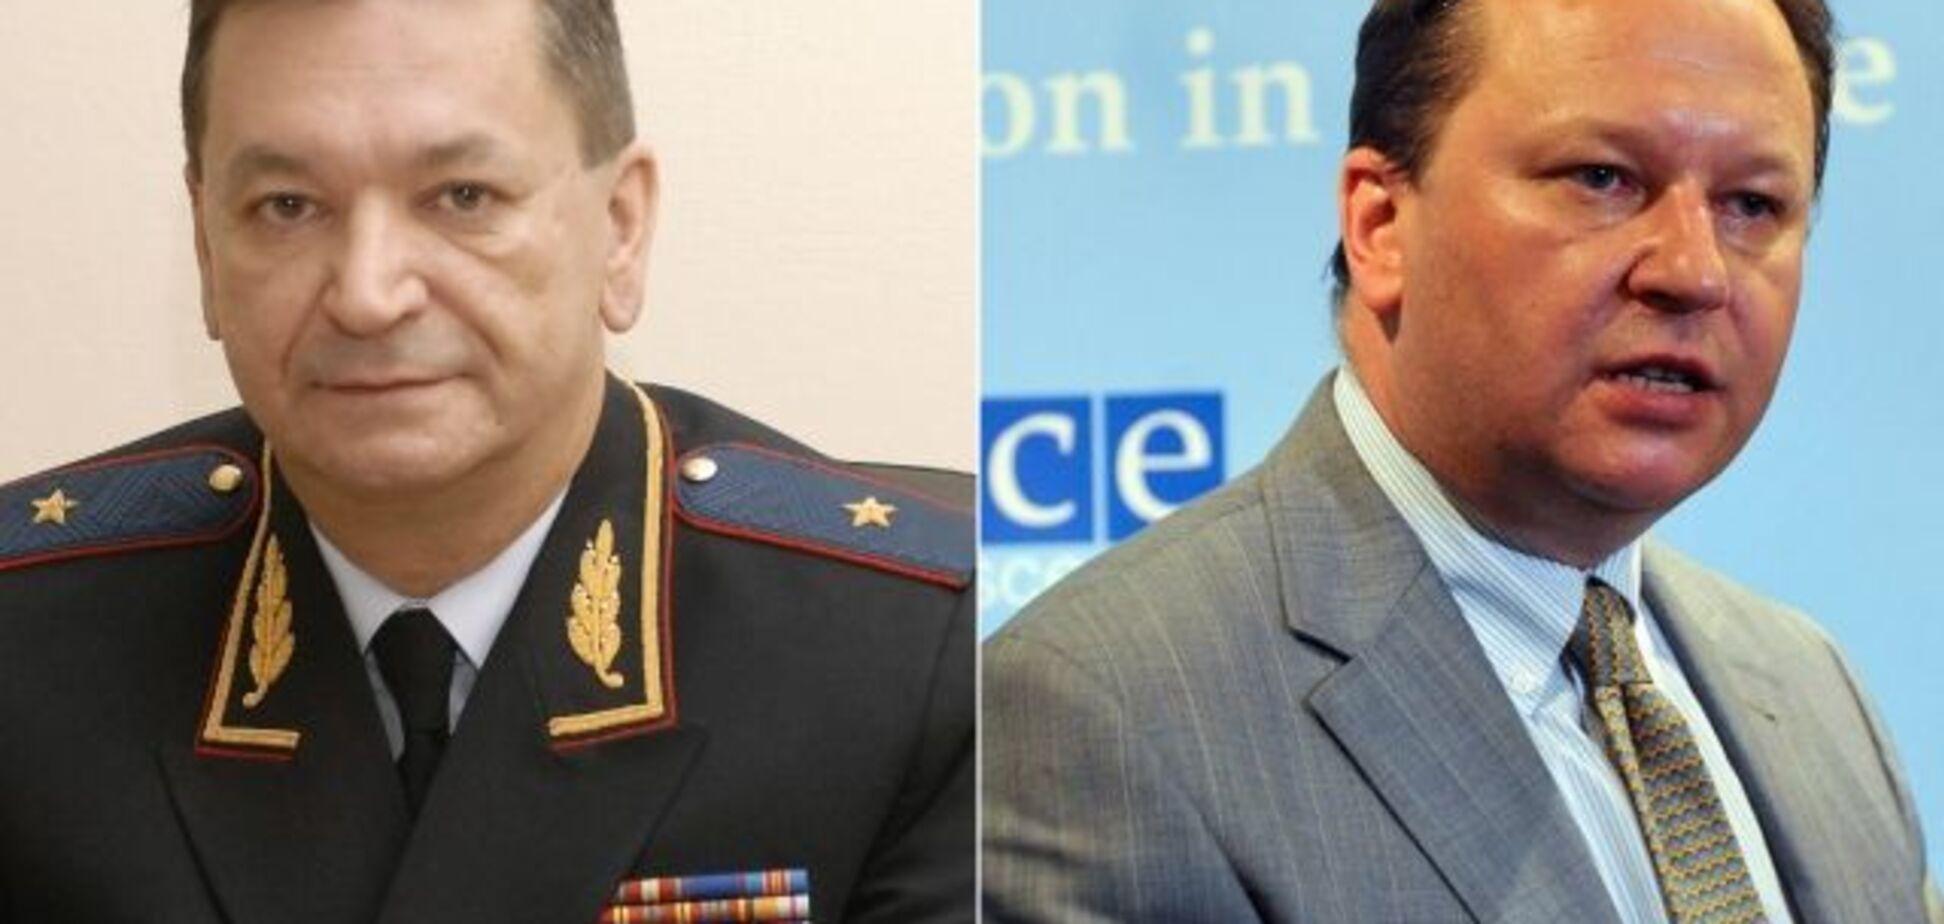 Фанат Путіна та МП? З'ясувалися скандальні дані про українського дипломата